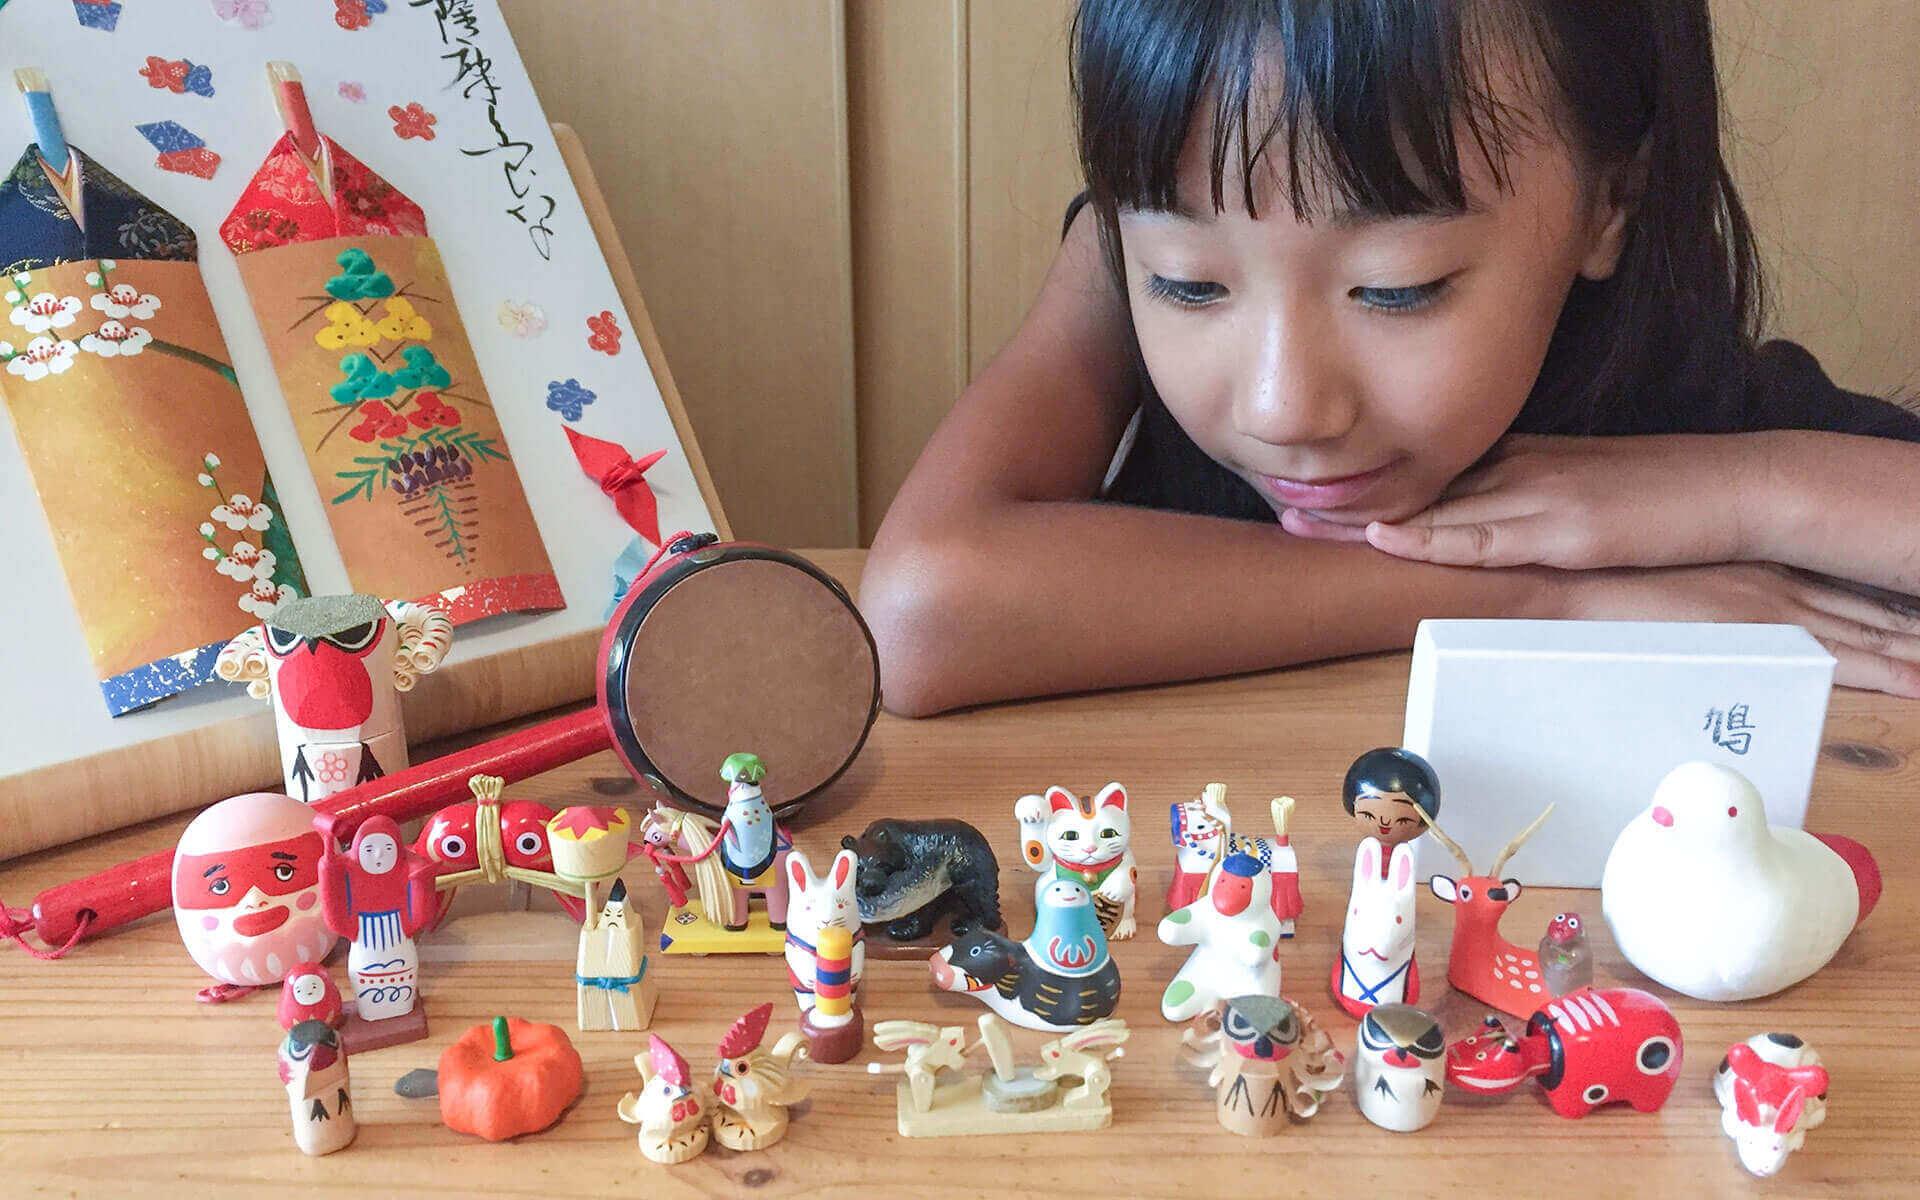 鹿児島でうわさの小学4年生。郷土玩具に魅了された、はなちゃんの自由研究